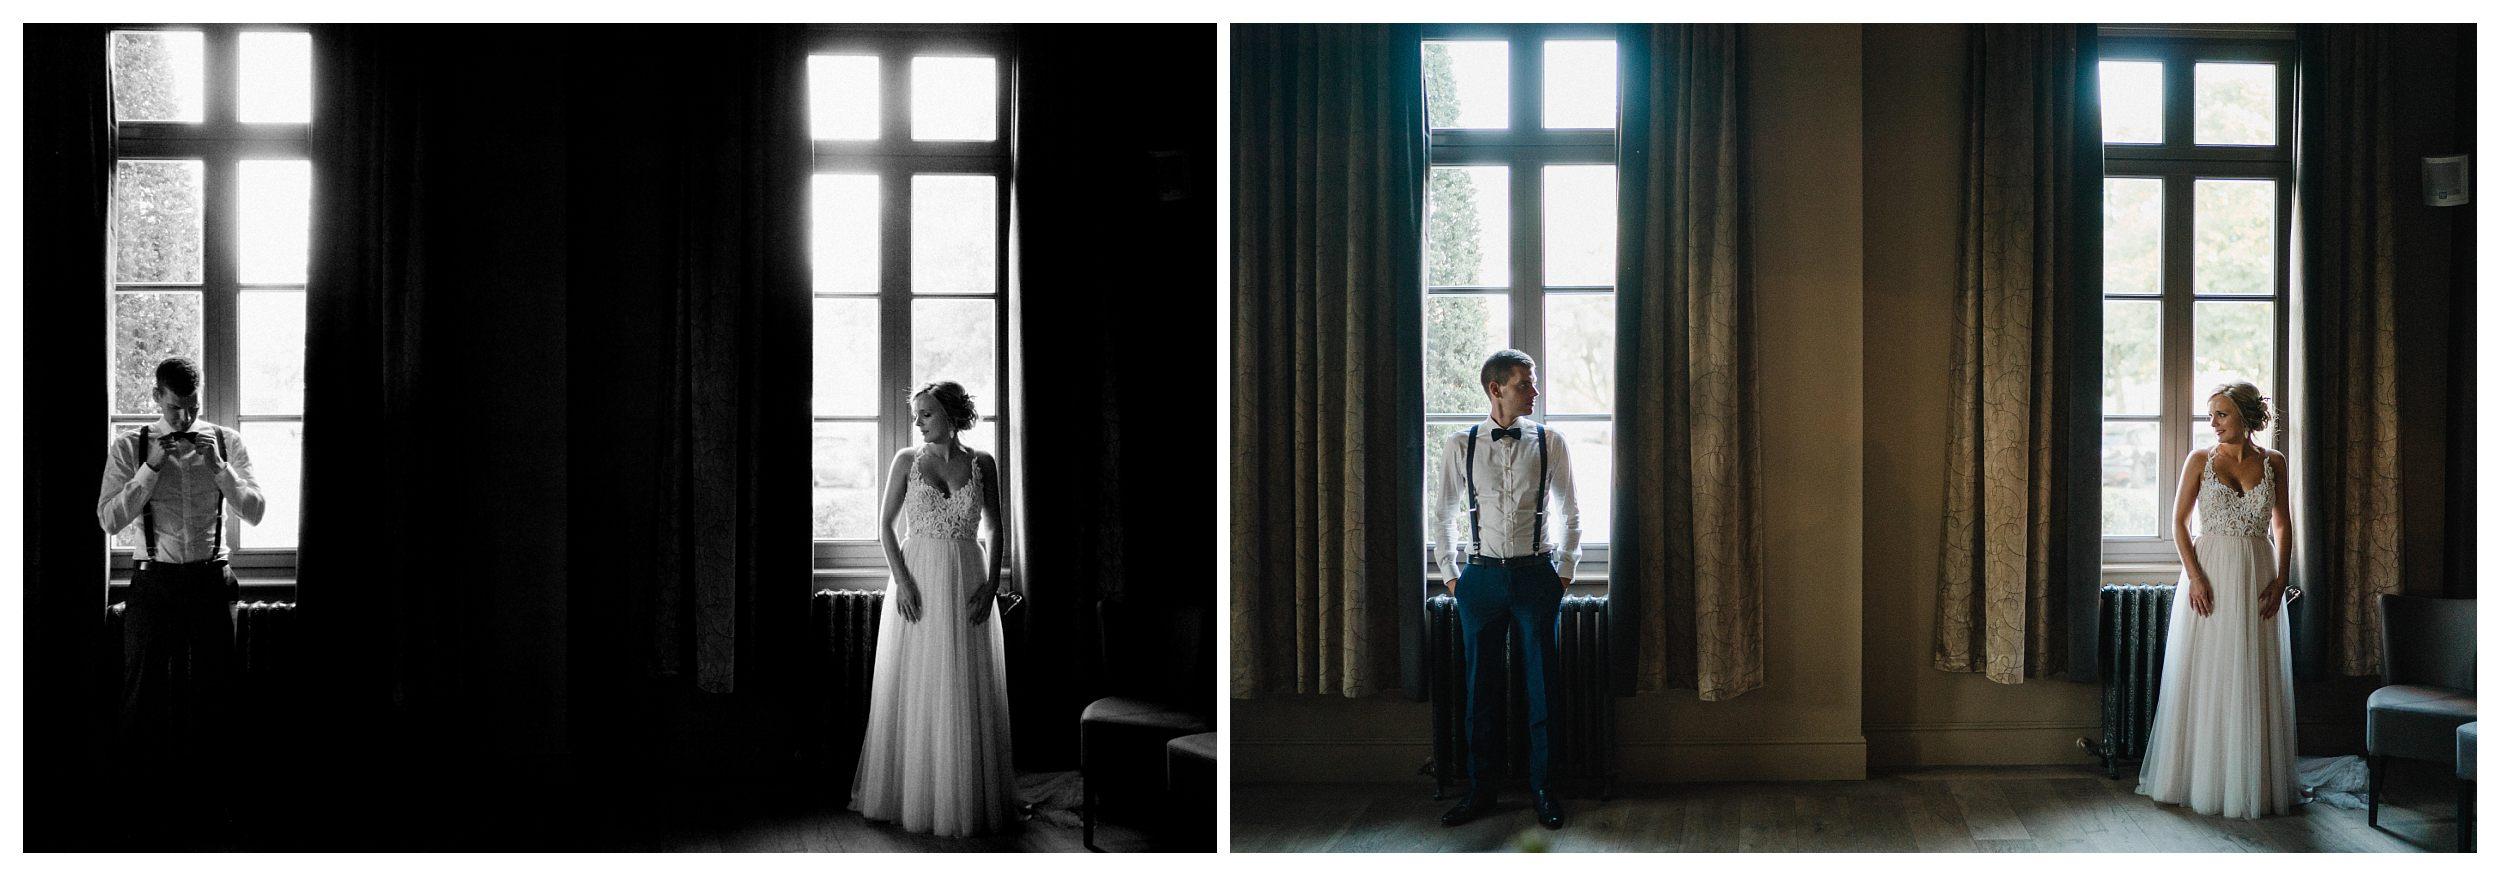 huwelijksfotograaf bruidsfotograaf destinationwedding huwelijksfotografie in mol oostham (61).jpg